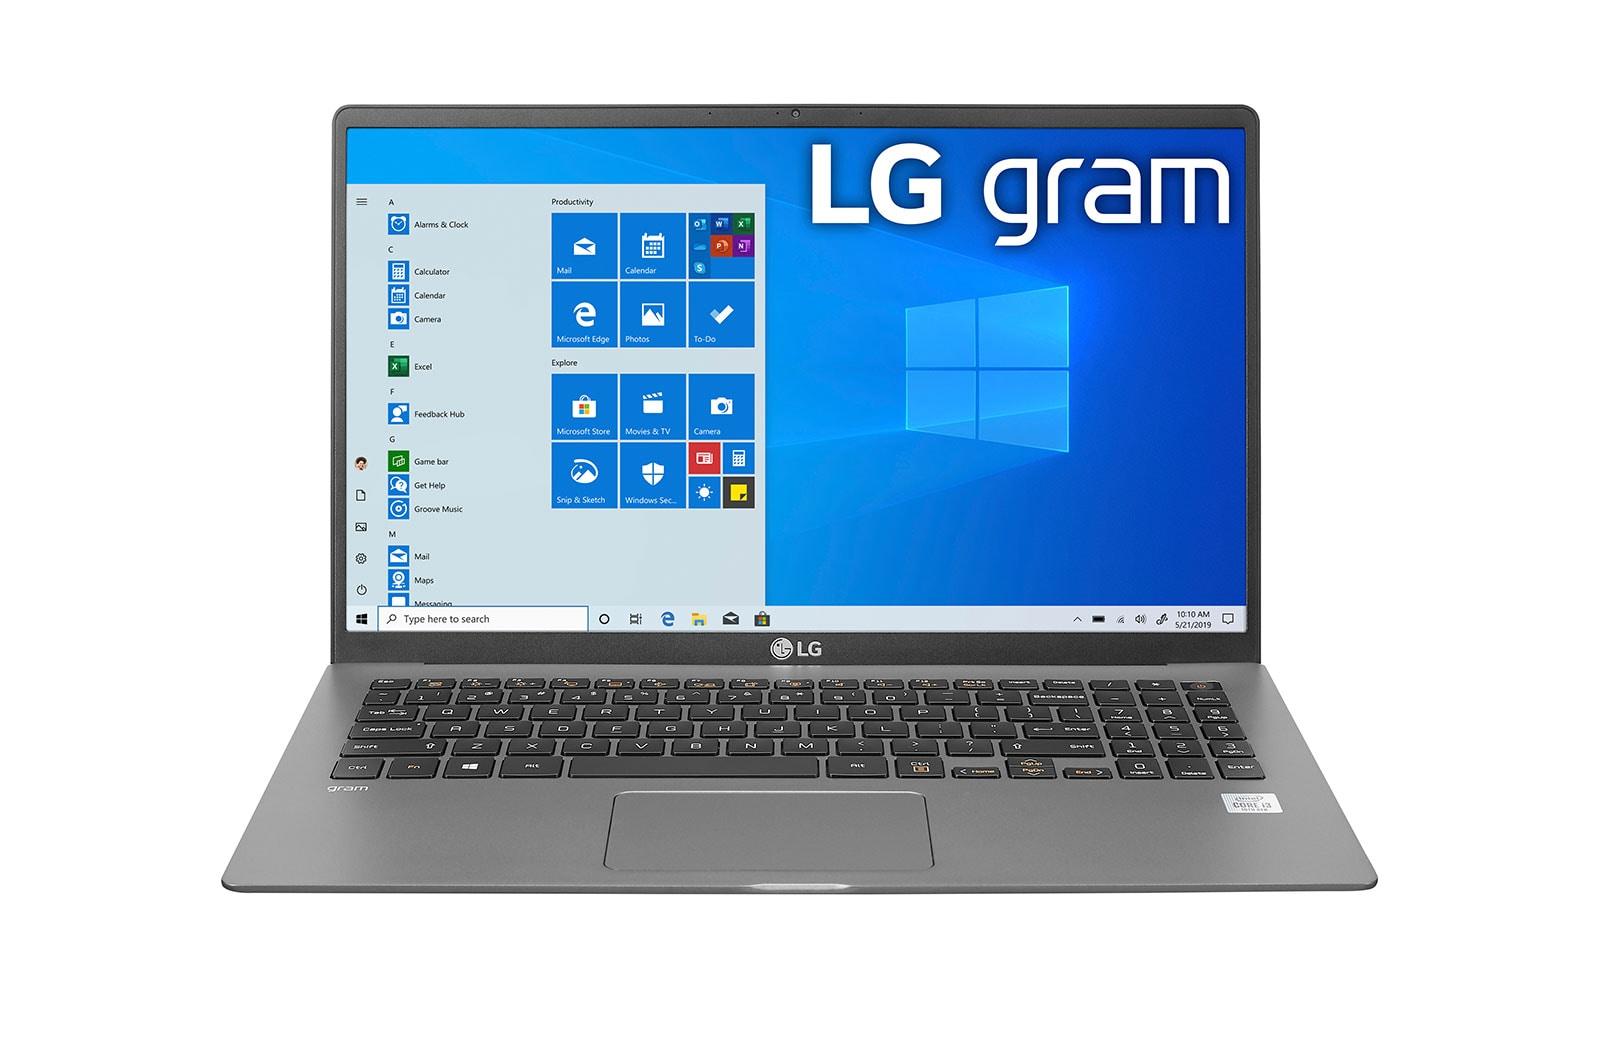 Imagem de Notebook da marca LG do modelo Gram 15Z90N-V